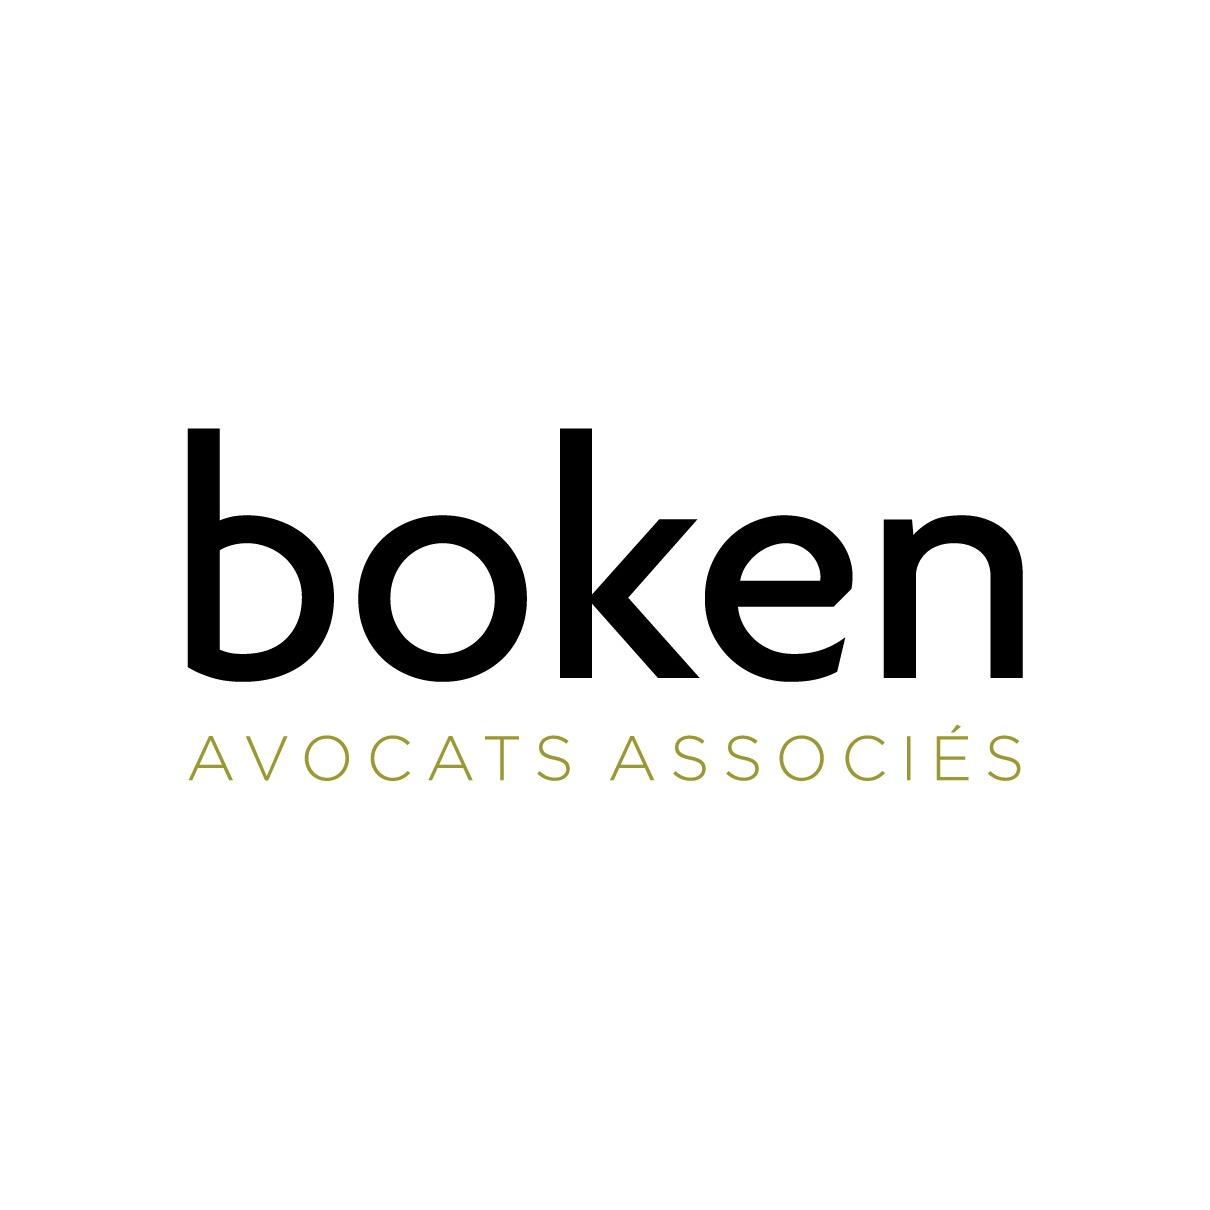 the Boken logo.